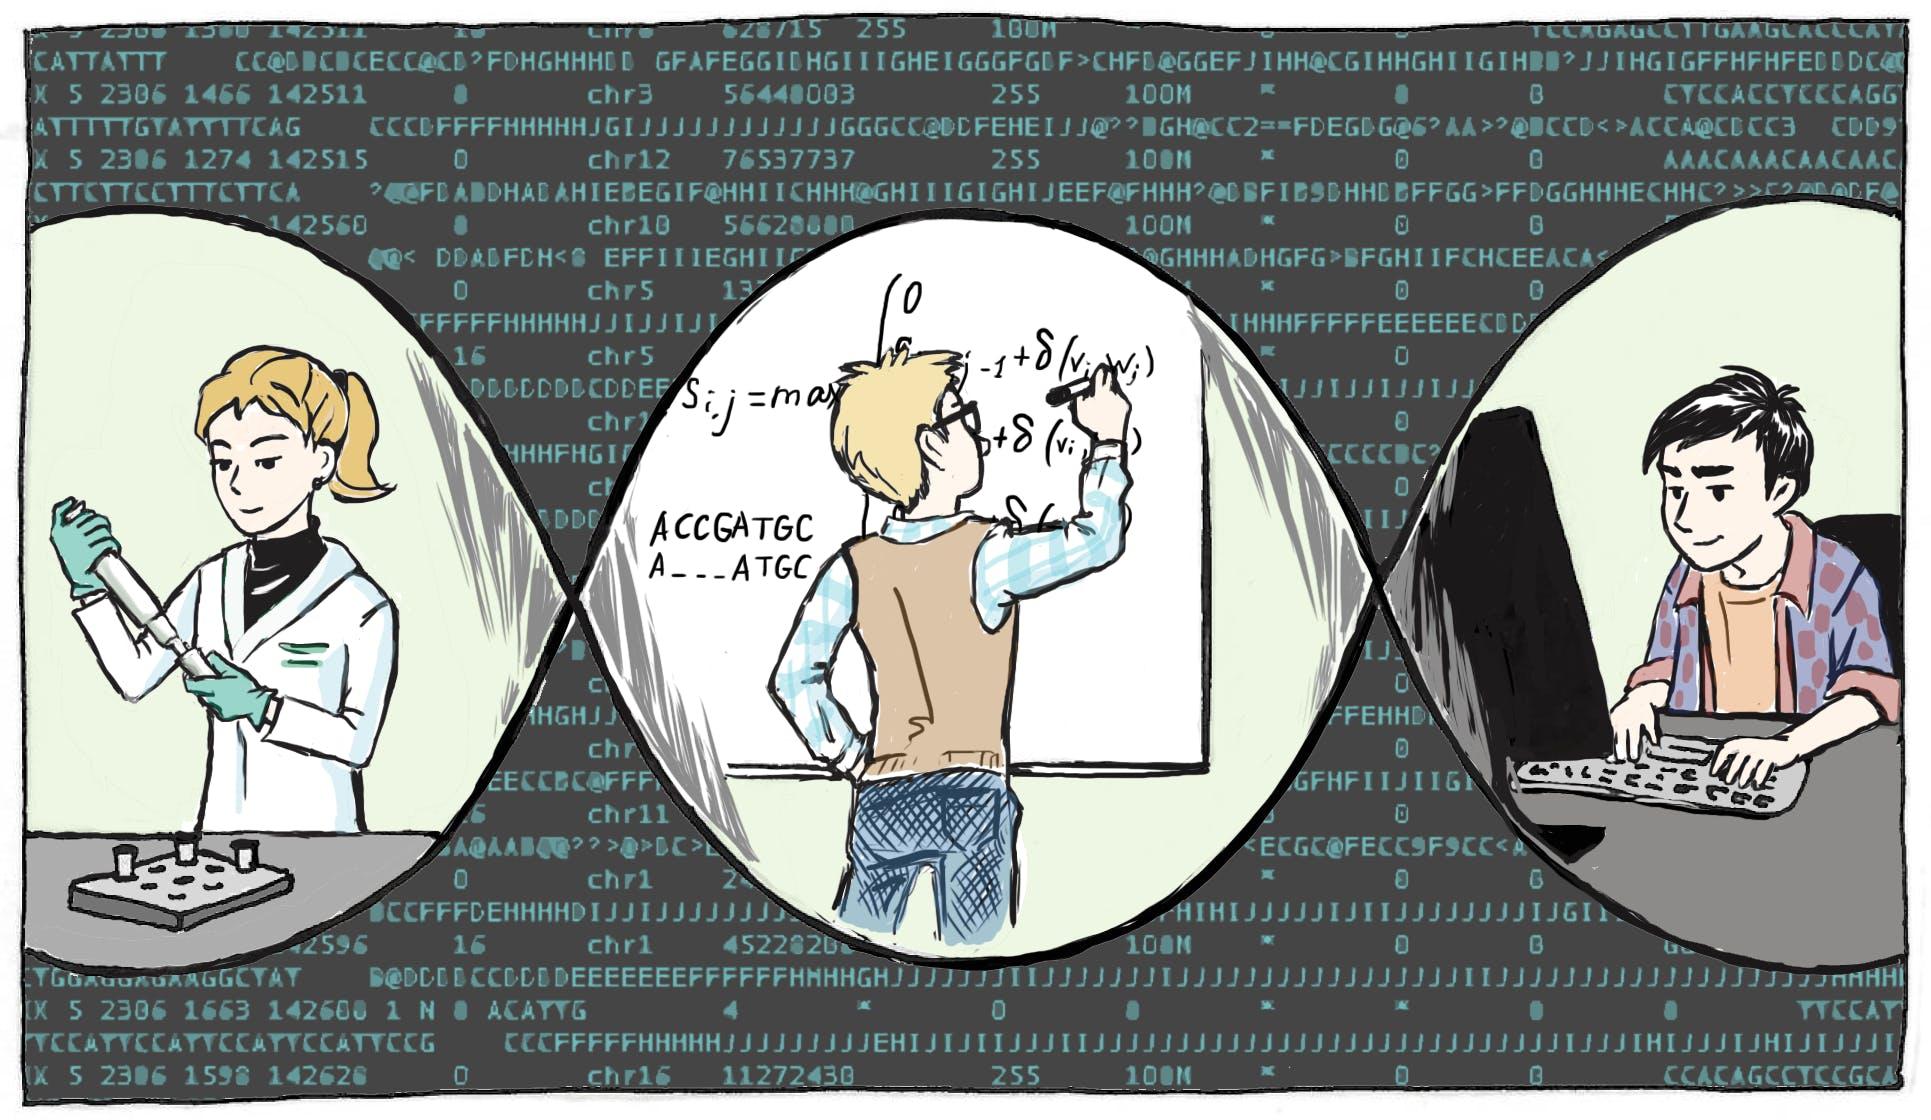 Введение в биоинформатику (Introduction to Bioinformatics)